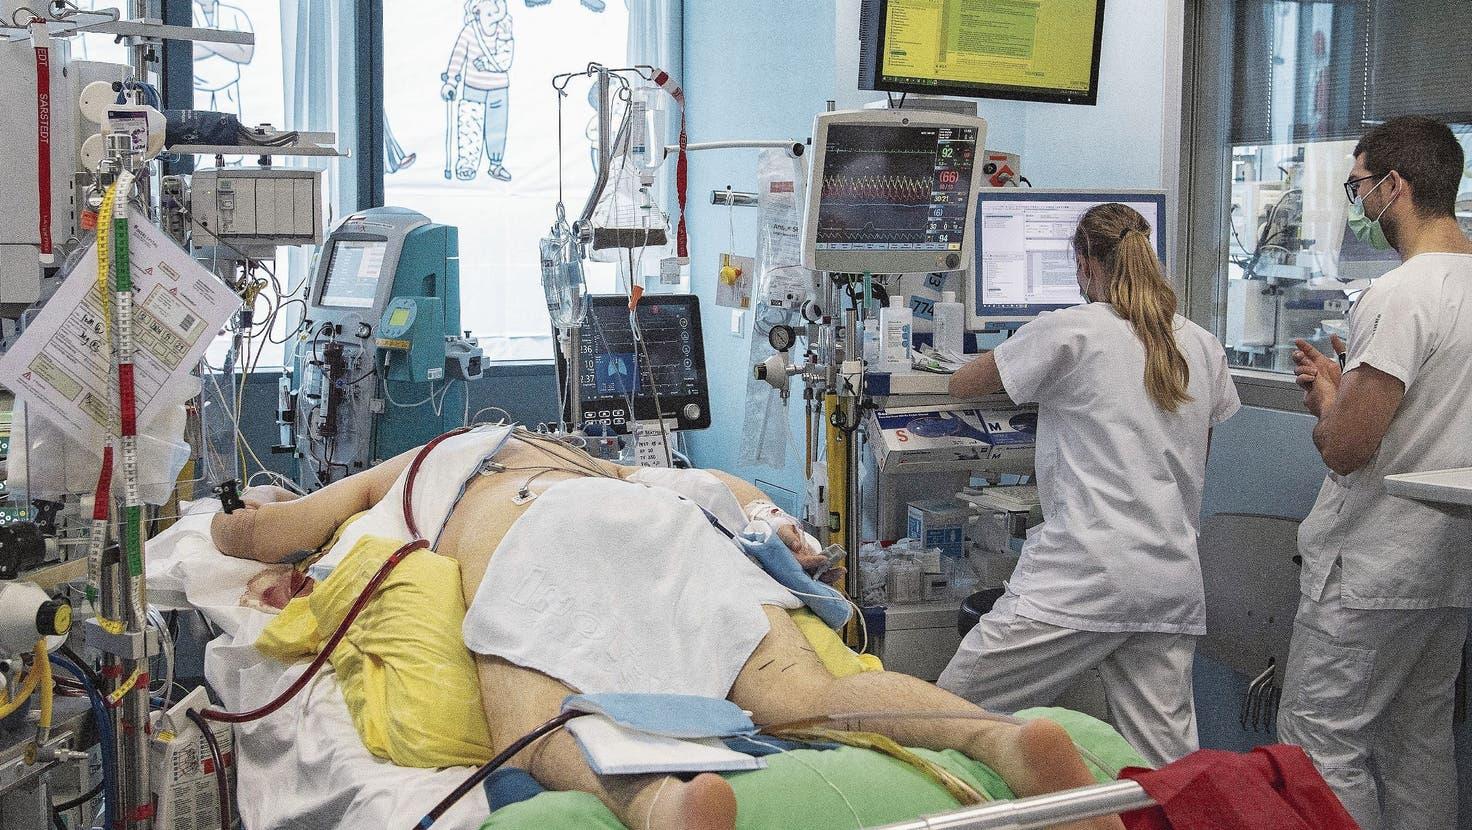 Faktencheck: Gibt es wirklich weniger Spitalbetten? Und was ist mit den Langzeitfolgen?